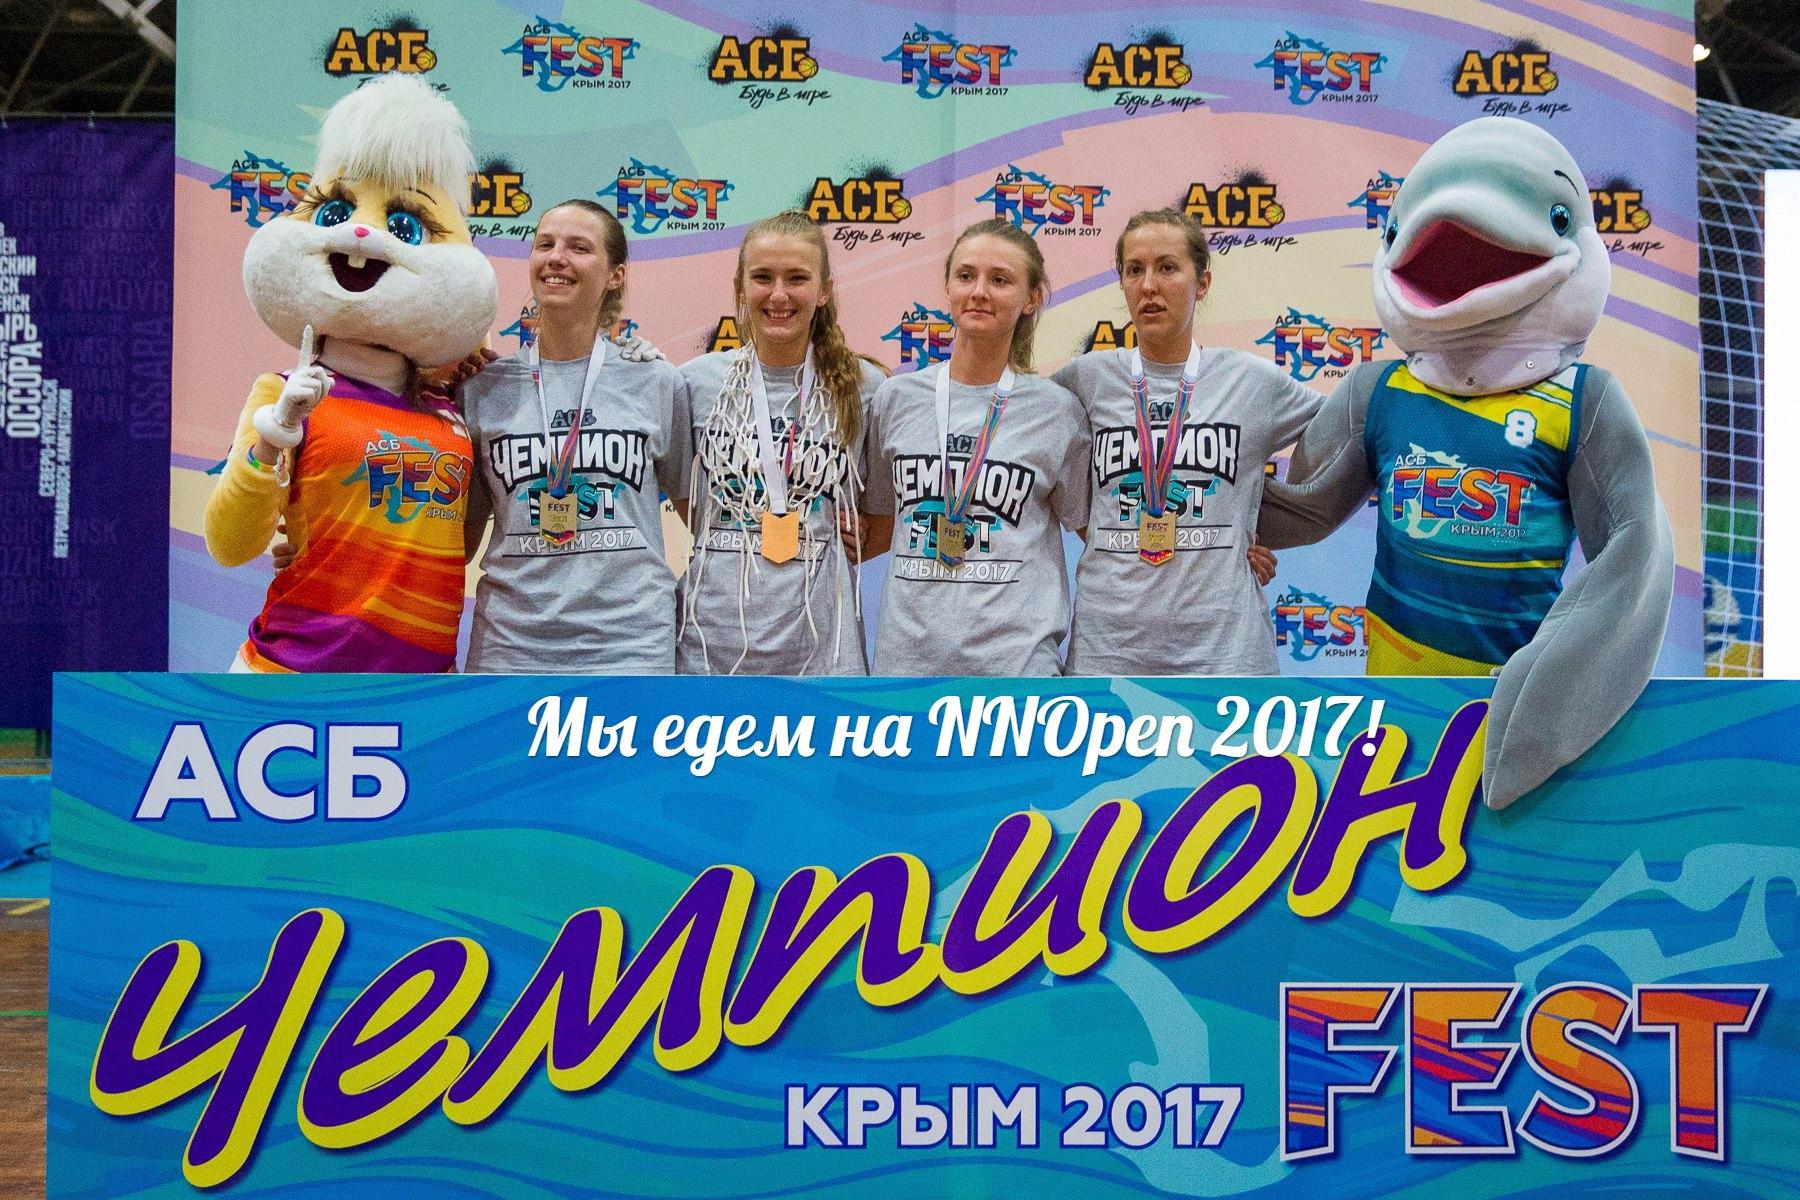 Беладонна Краснодар стритбол баскетбол 3х3